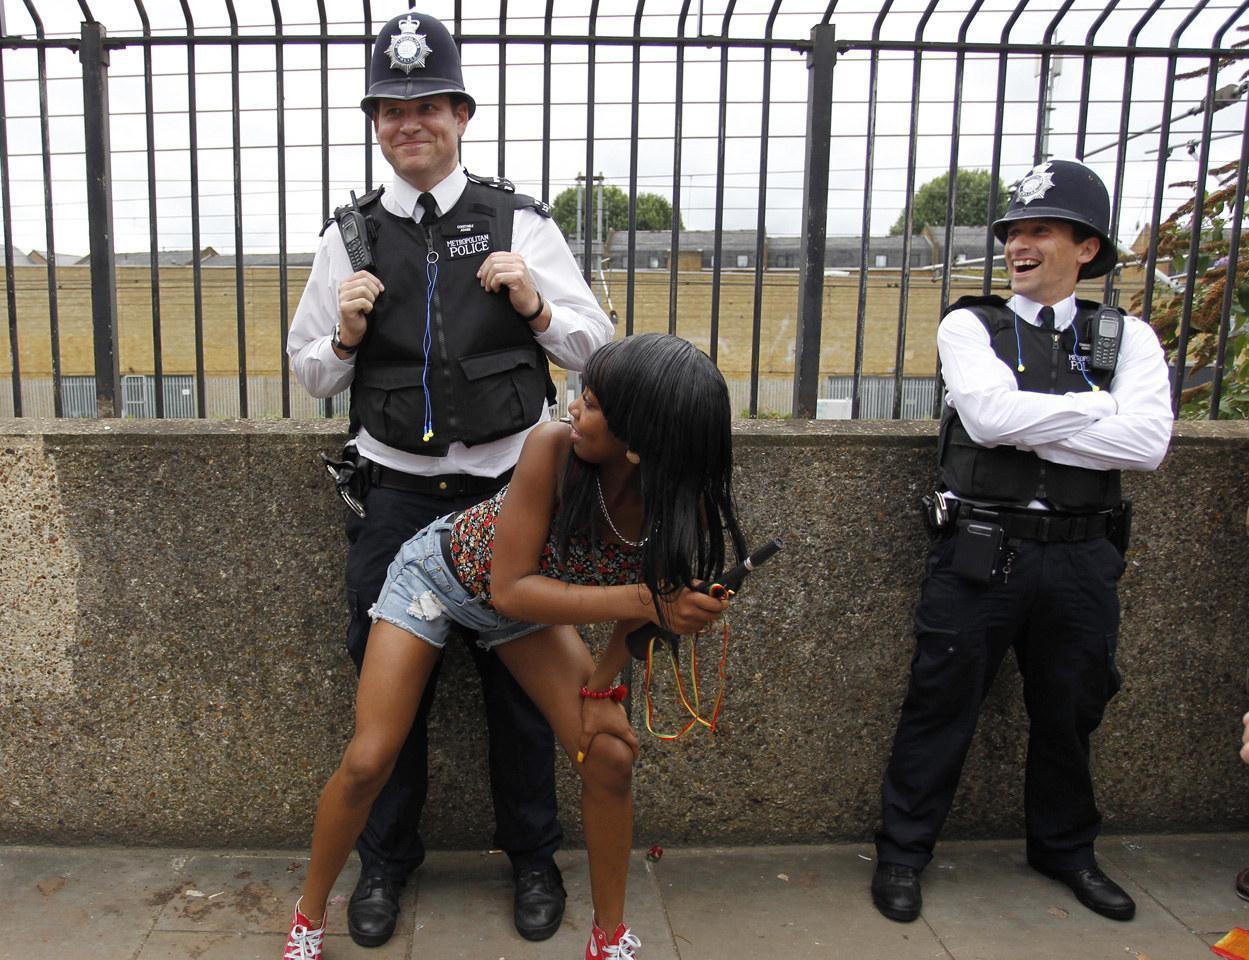 Хорошее настроение с сотрудниками полиции разных стран